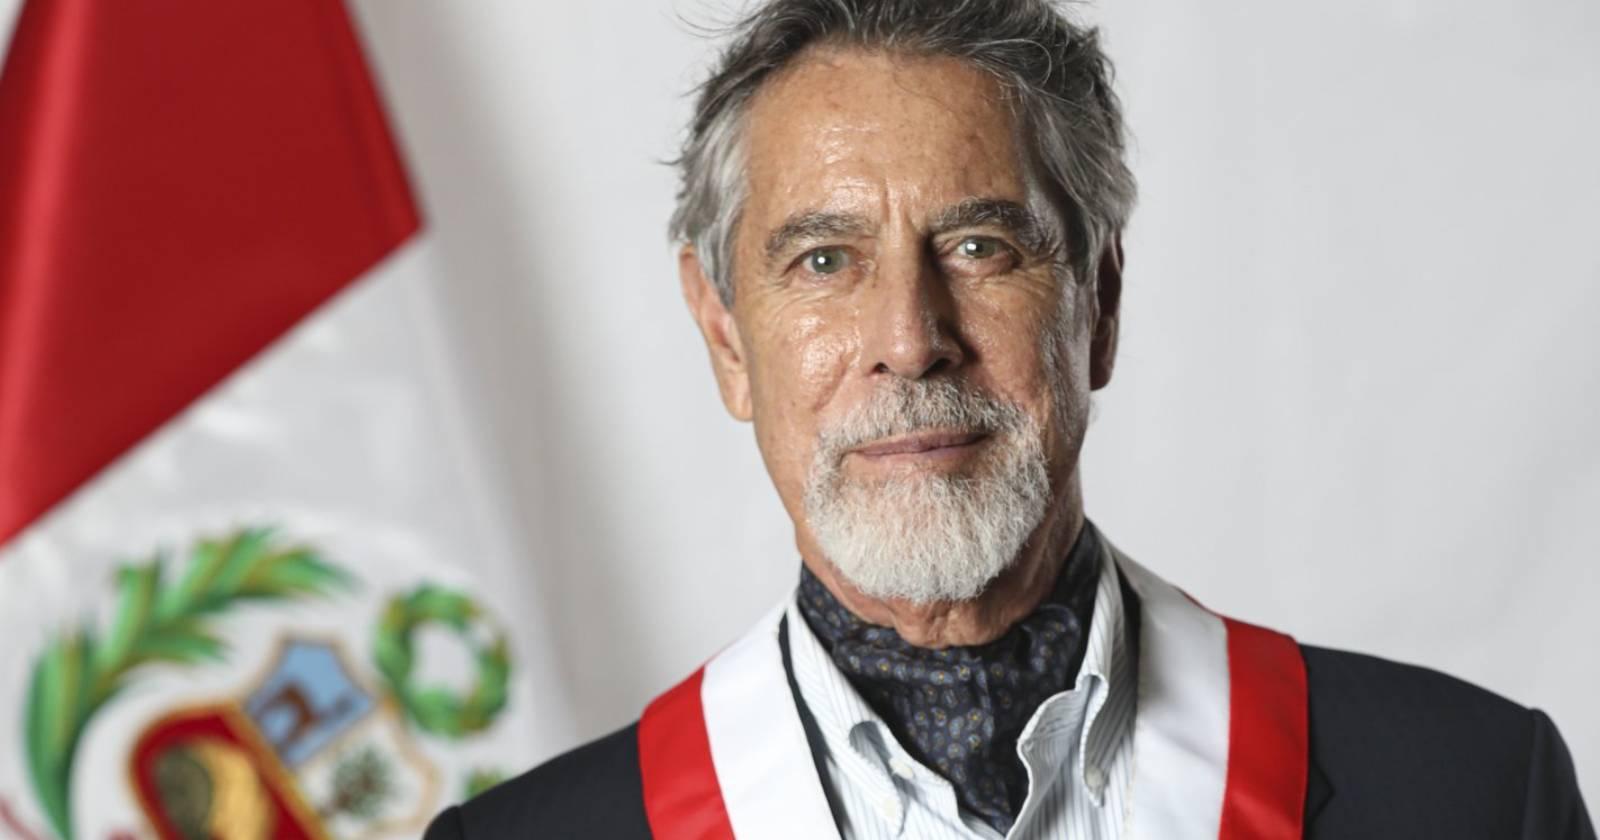 Perú: Sagasti pide una investigación contra los antiguos mandos de las FF.AA